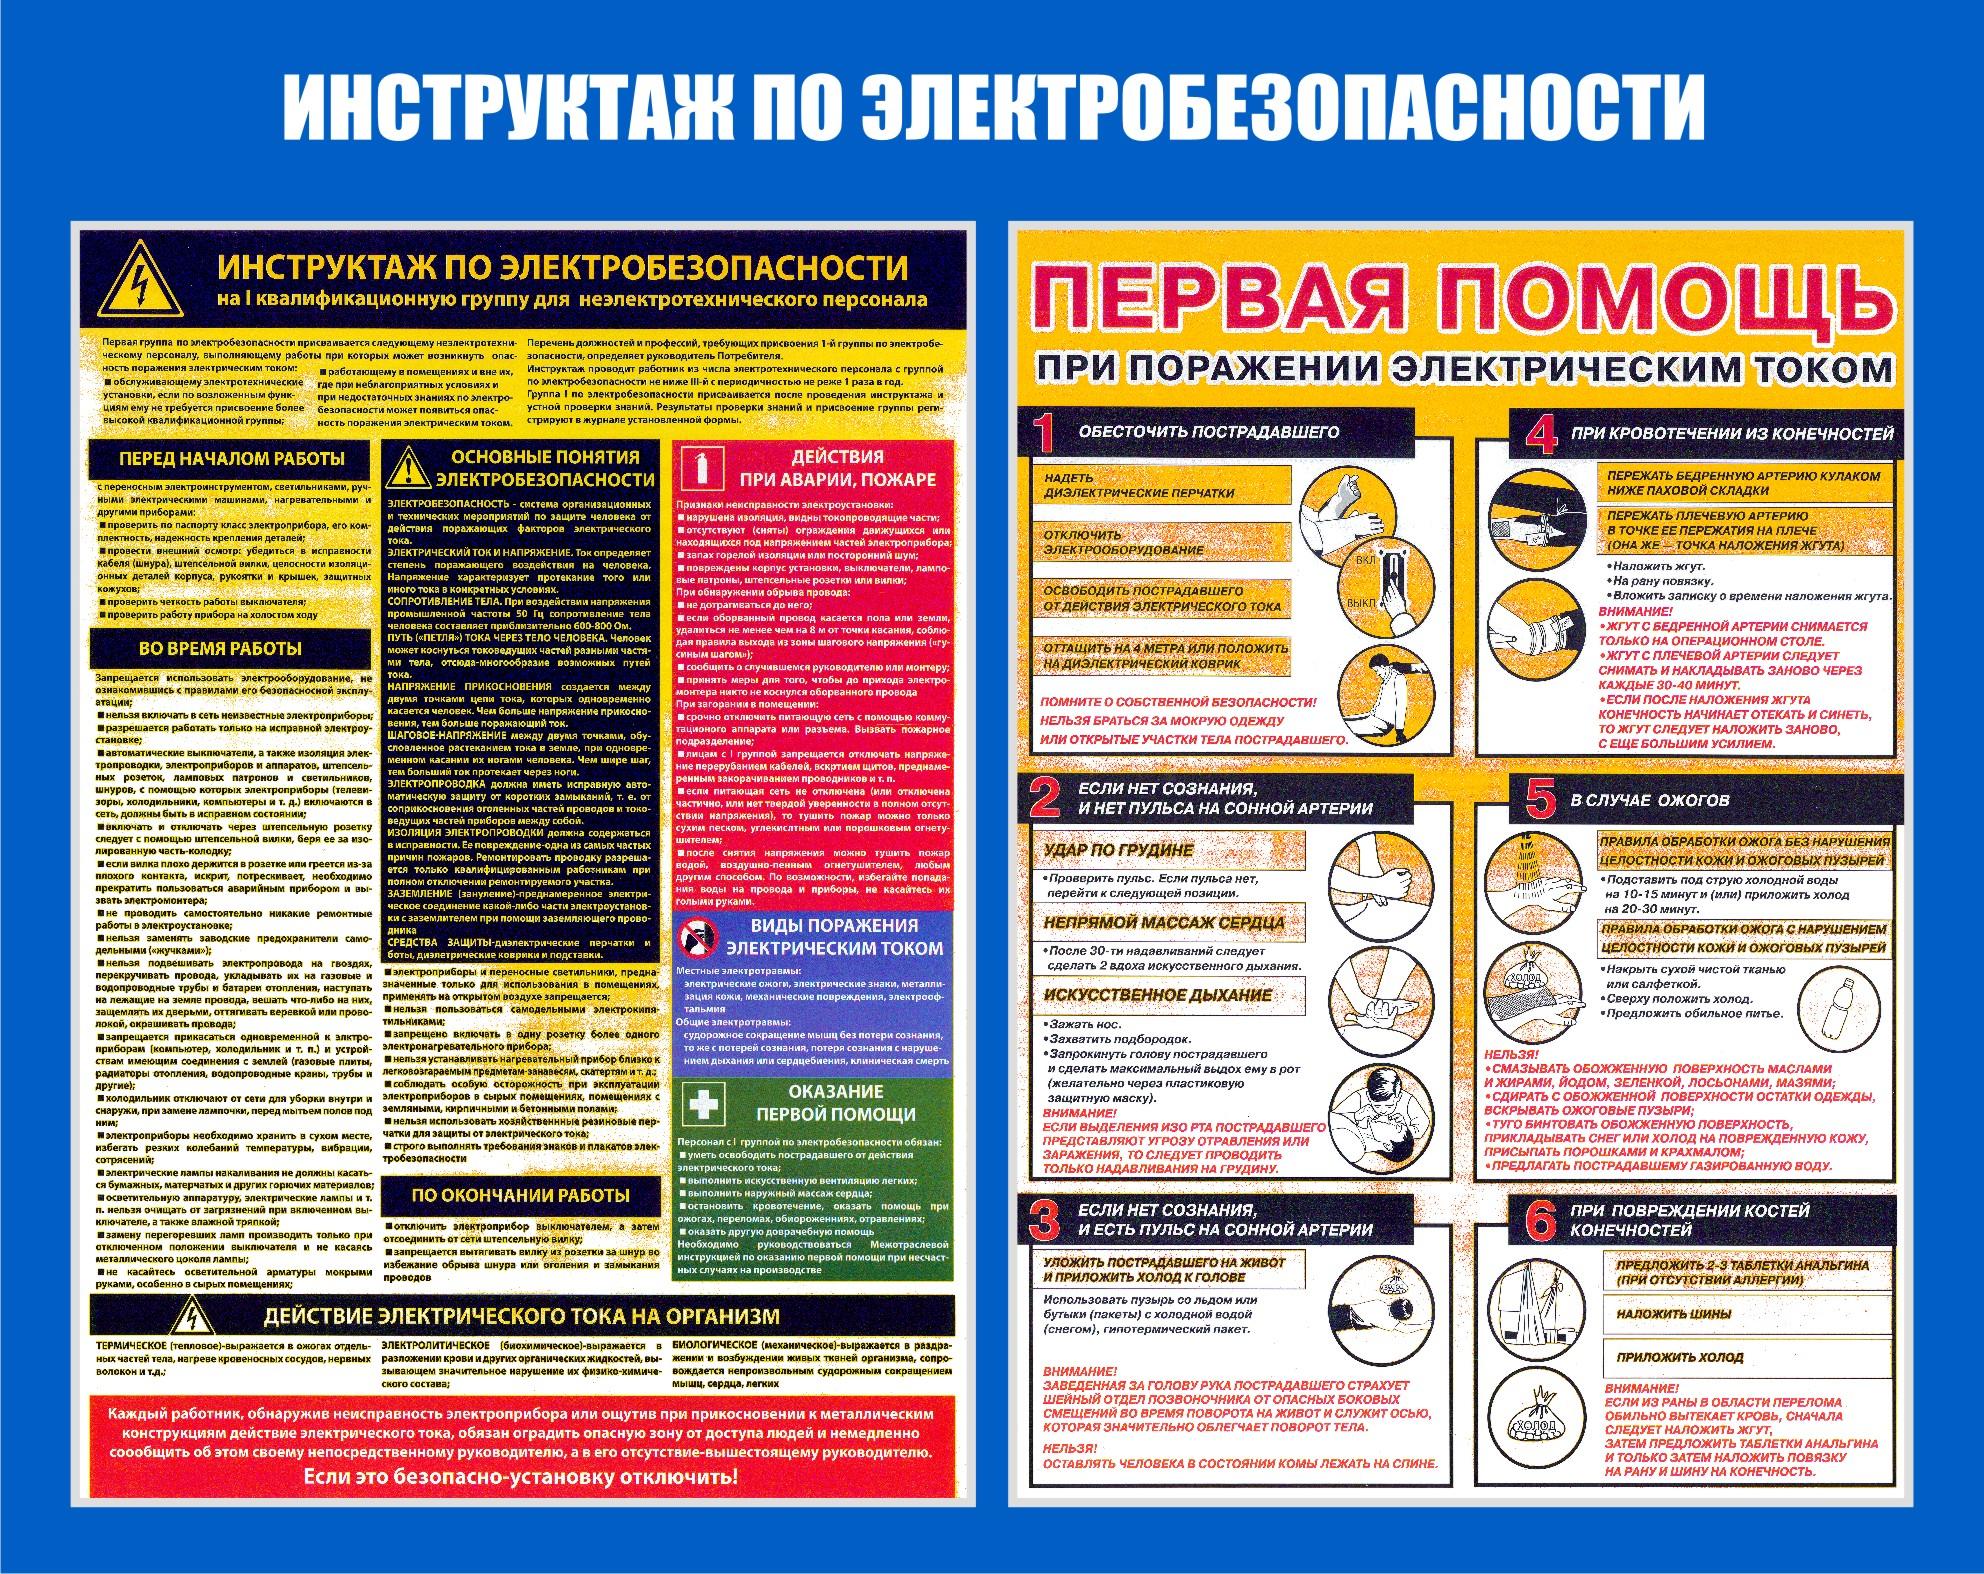 Охрана труда по электробезопасности и пожарная безопасность